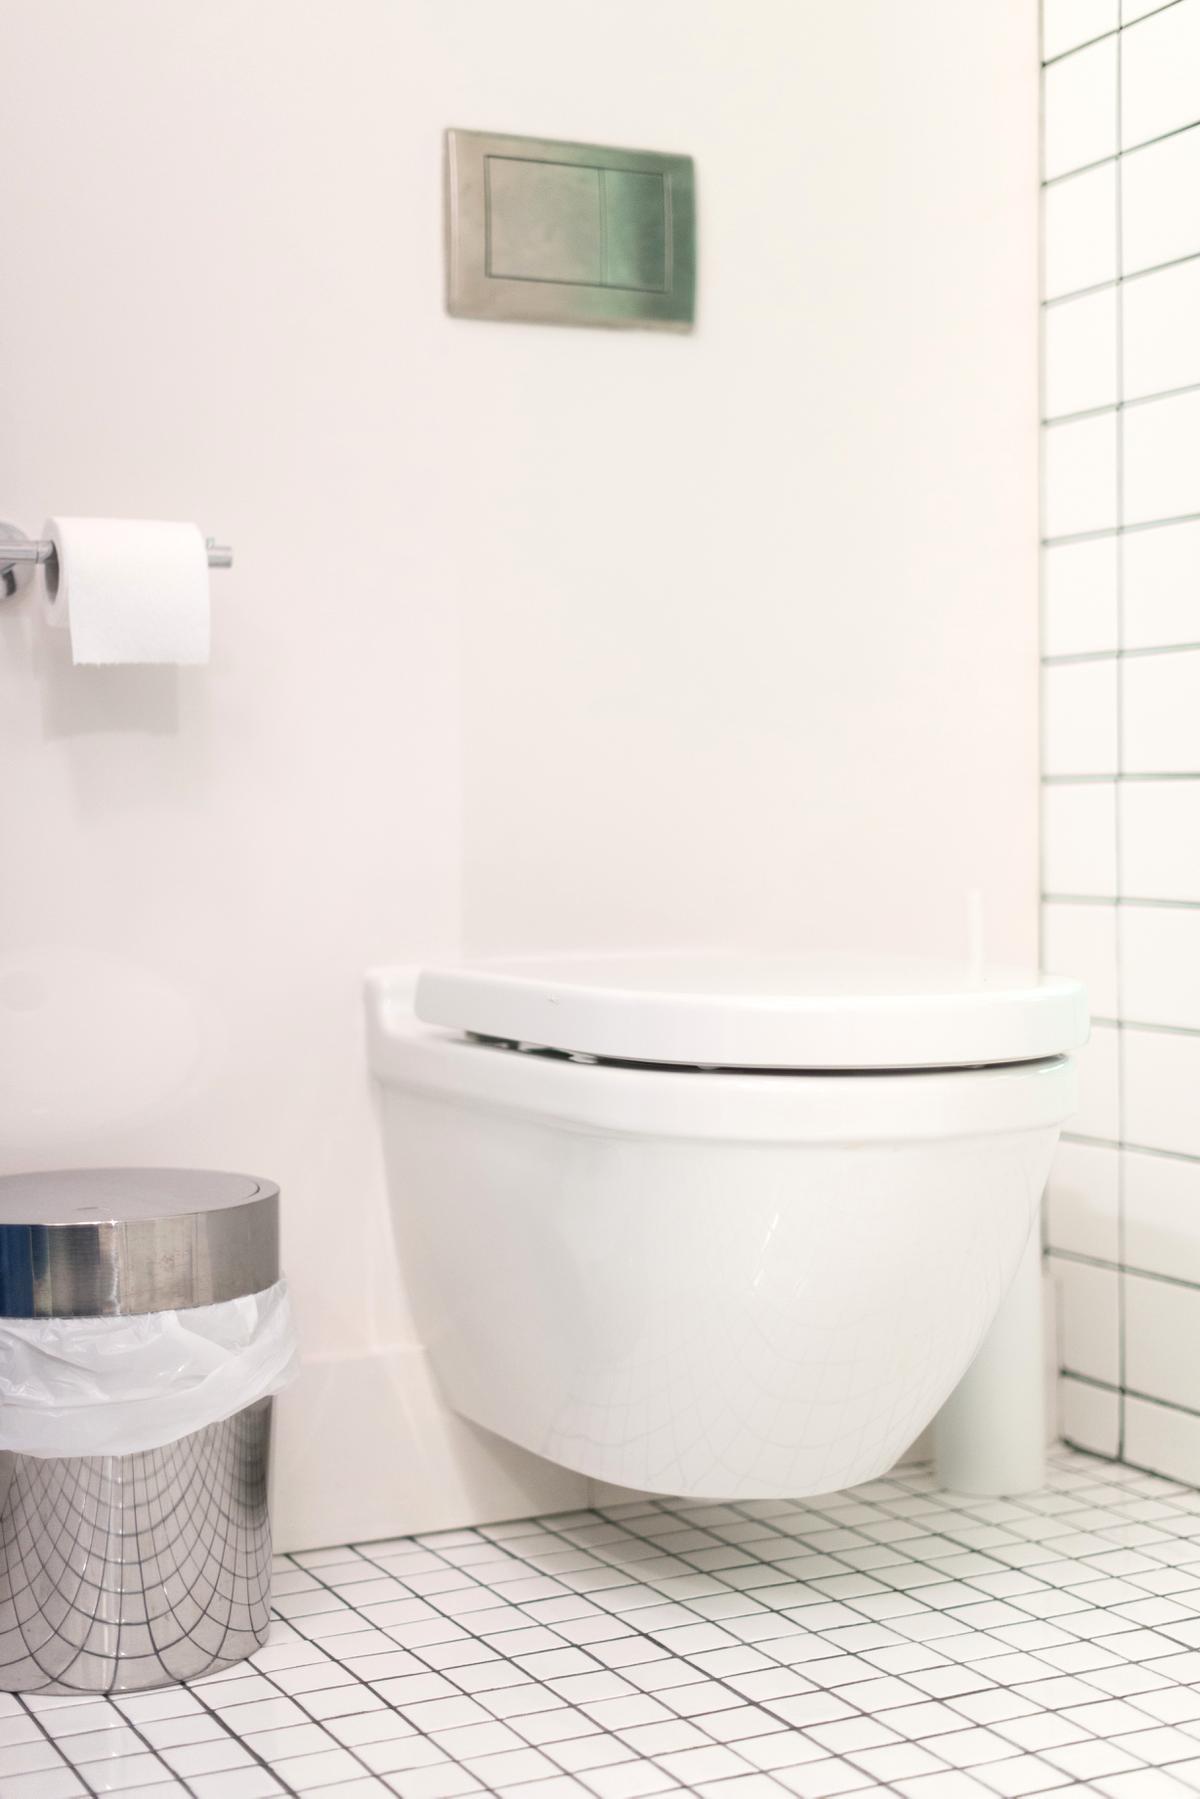 Master Bathroom Remodel - A DRAMATIC Transformation!